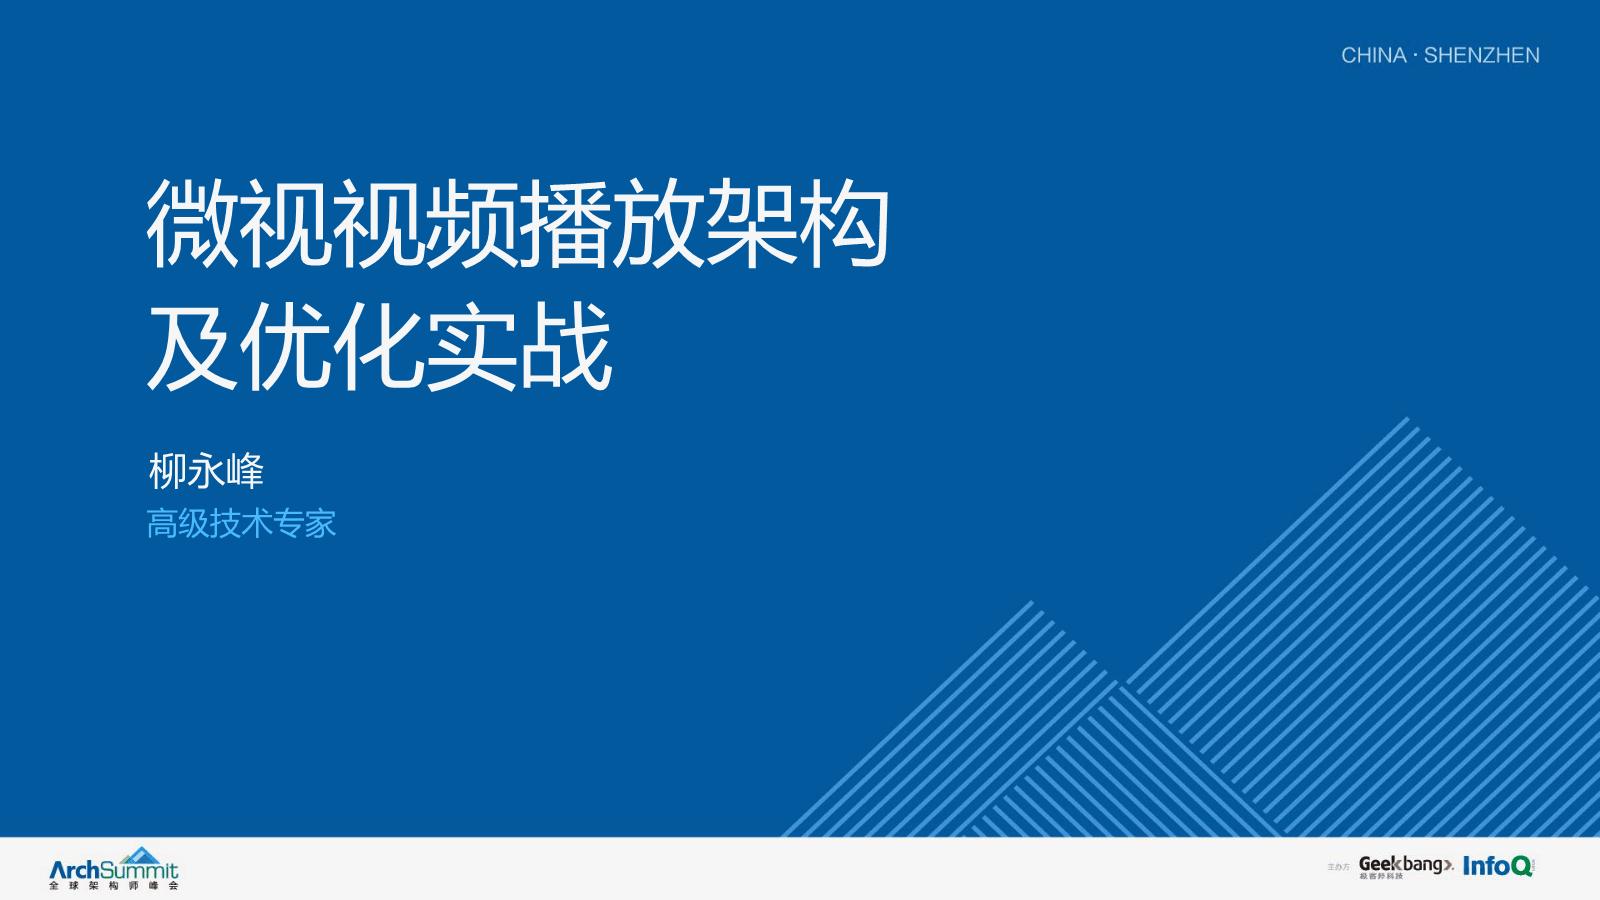 柳永峰-微视视频播放架构及优化实战